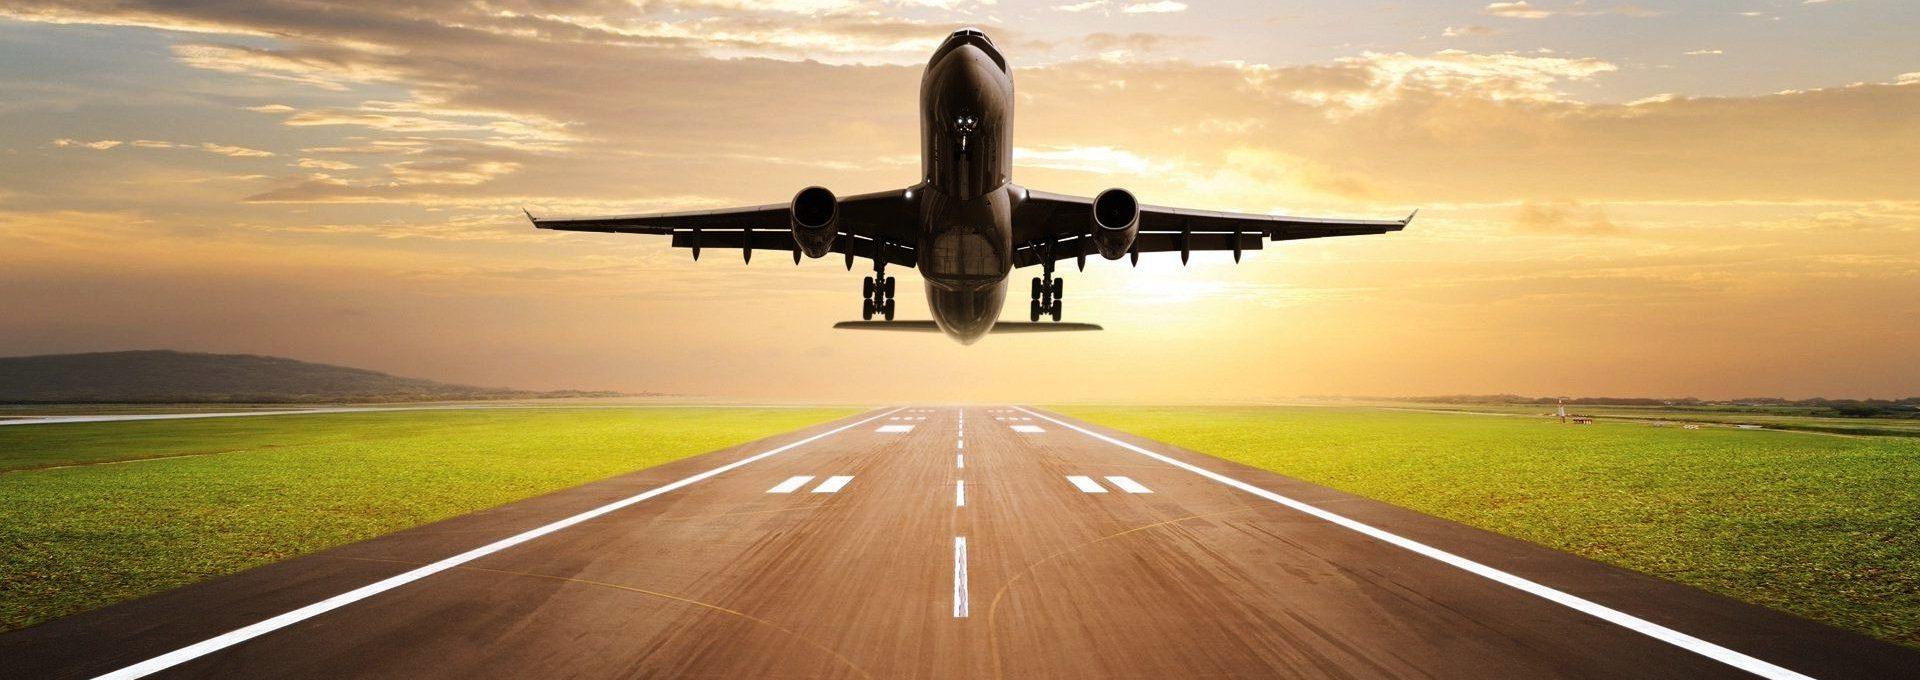 Dalwa - Tiket Pesawat